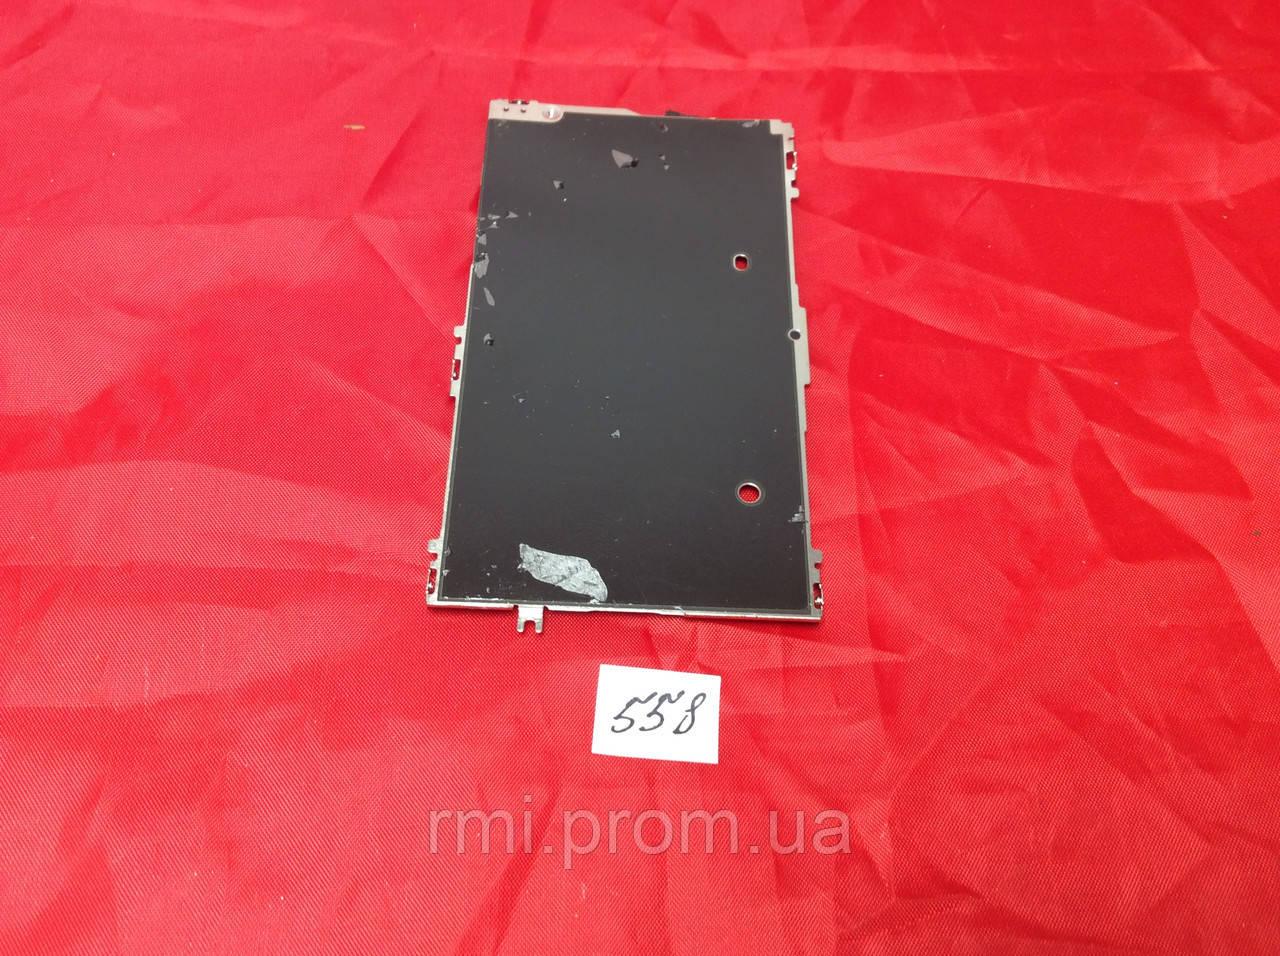 Внутренняя защита на экран для iPhone 5c (rmi 558) - rmi в Киеве